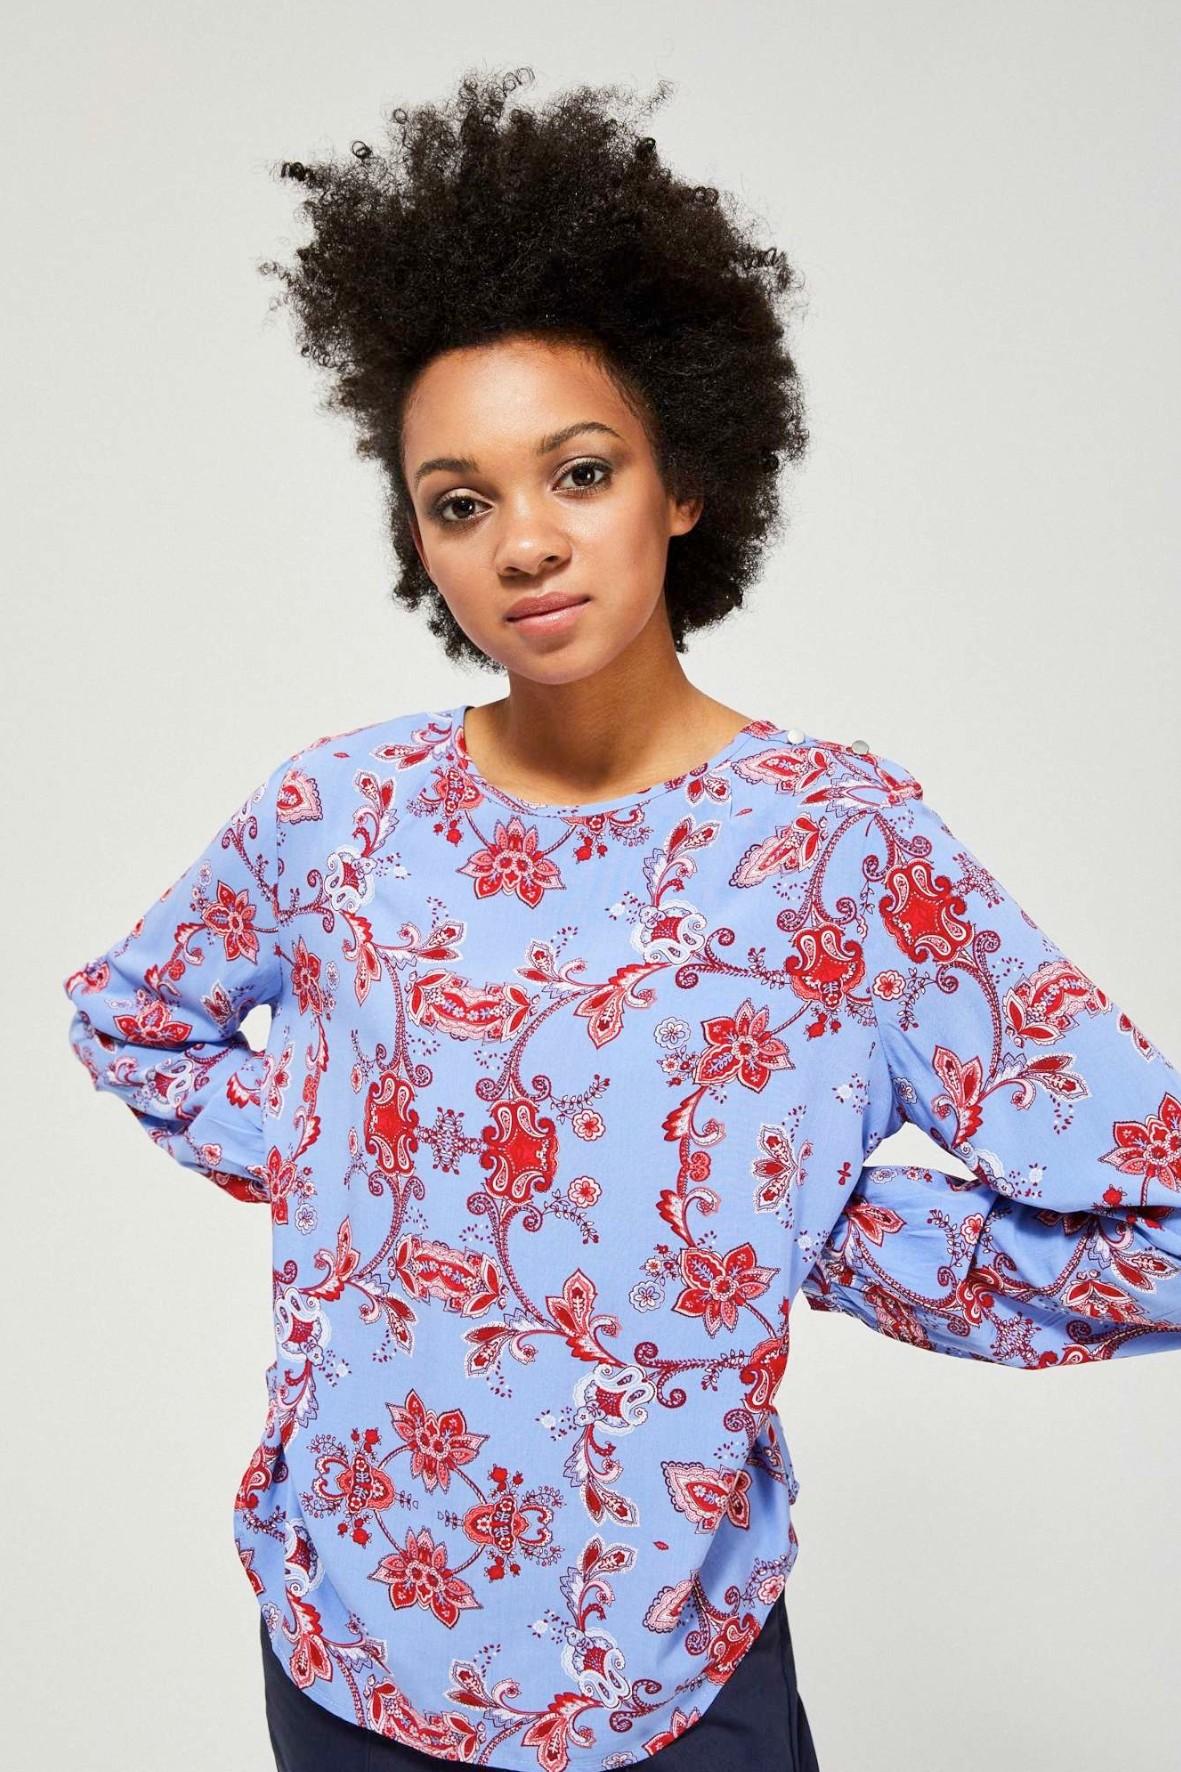 Niebieska wiskozowa koszula damska z kwiatowym wzorem i ozdobnymi guzikami na ramieniu